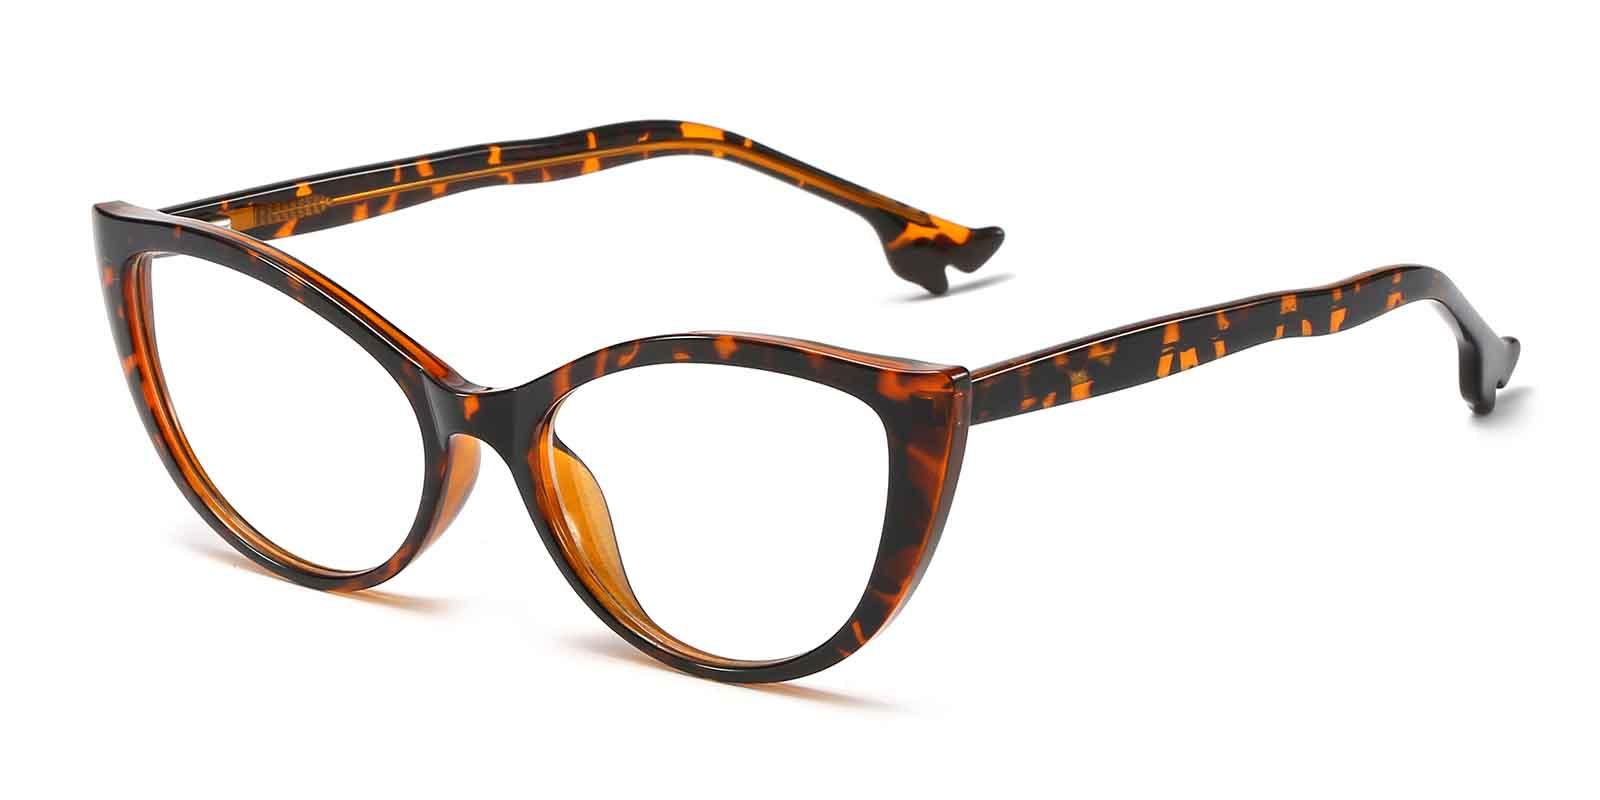 Pola-Cat eye glasses: adjustable spring hinge frame